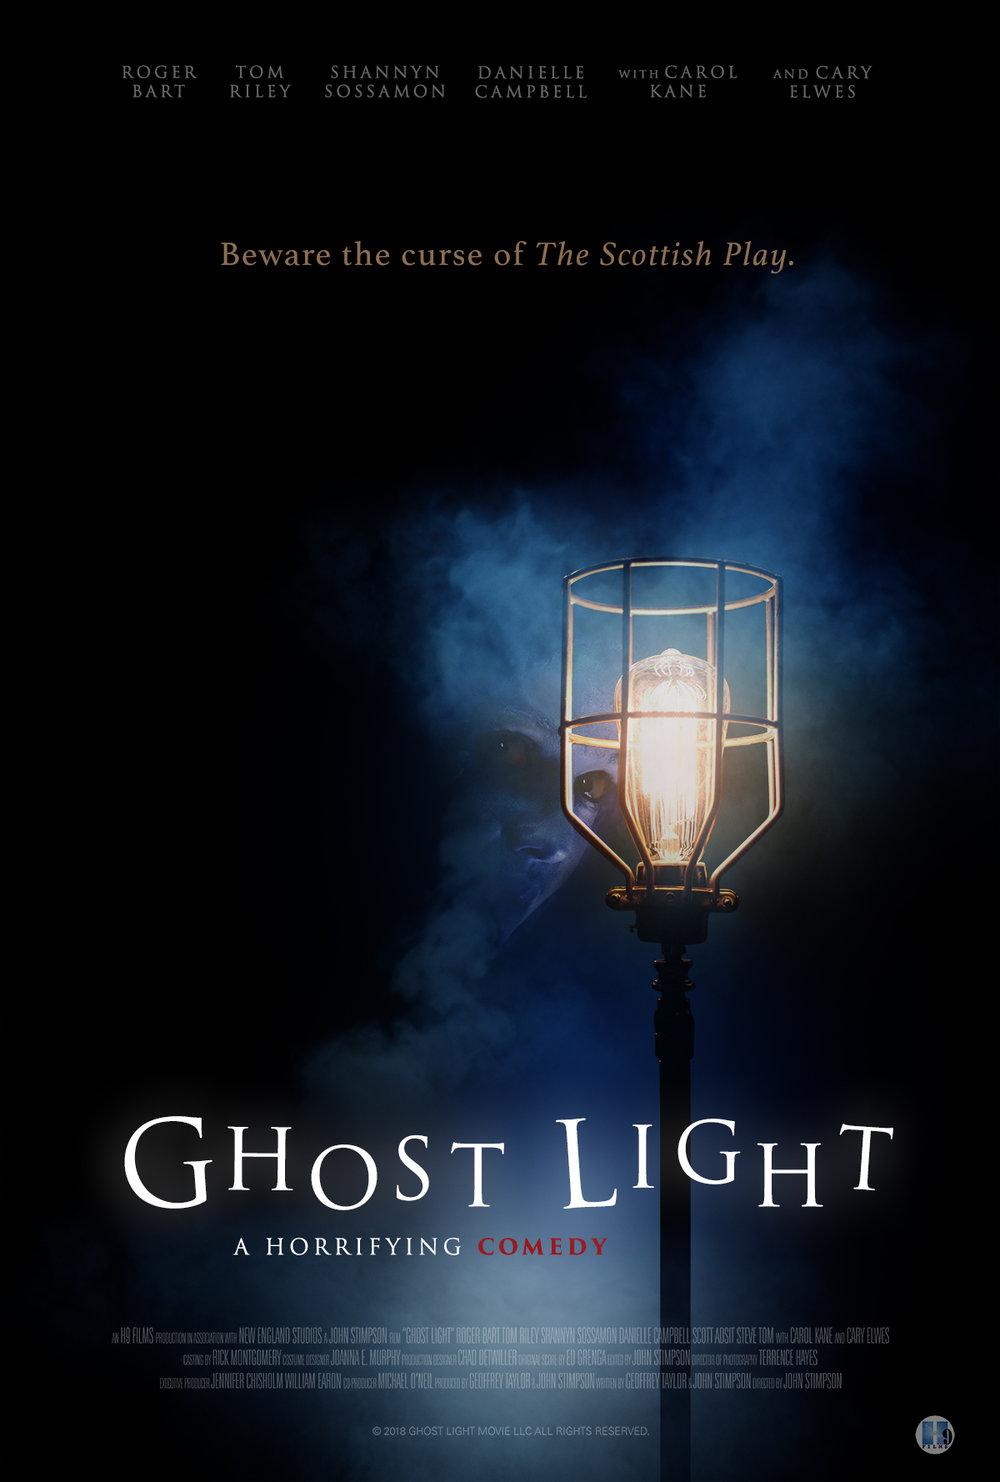 08818_ghostlight_posterJCS FLAT SMALL.jpg